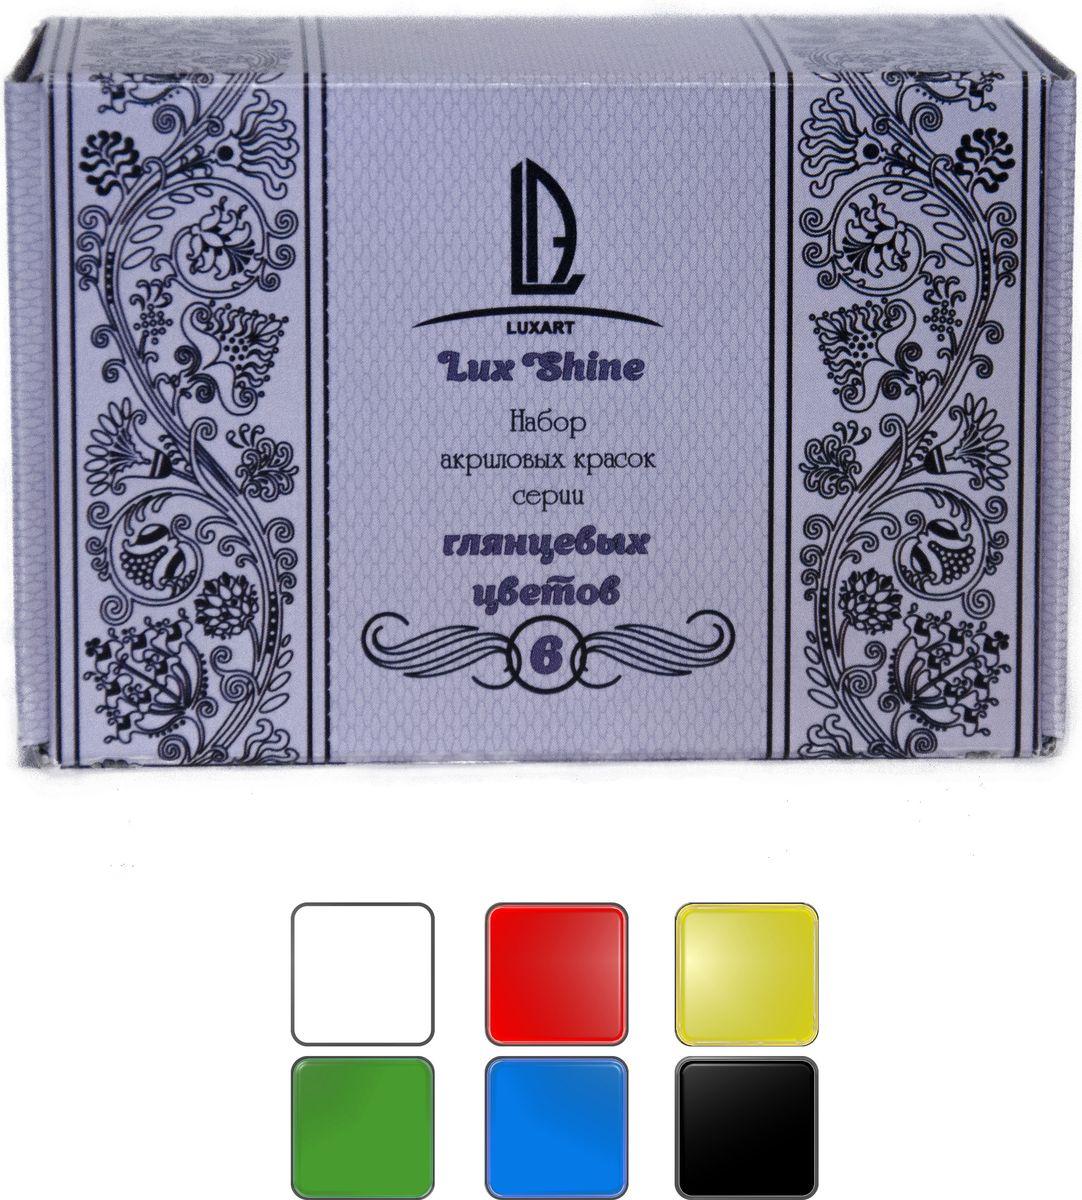 Luxart Набор красок LuxSet Shine 6 цветов 20 млSG6V20Набор акриловых красок матовой серии 6 цветов по 20 мл.